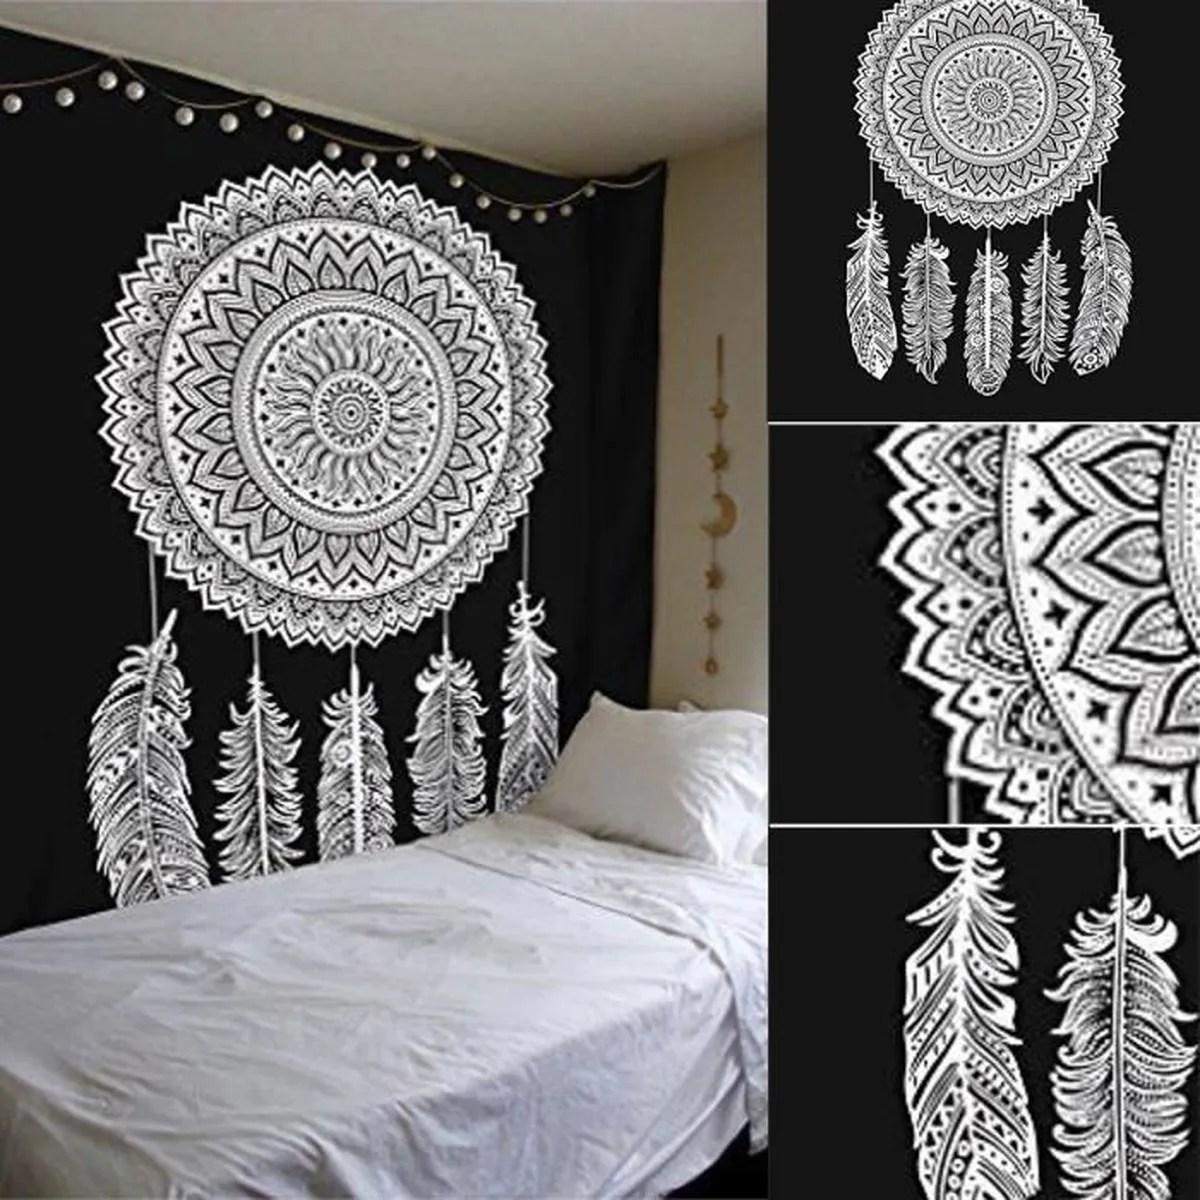 TEMPSA Tapisserie en Polyester Motif de Capteur de Rve Style Mandala Pour Dcor  Achat  Vente